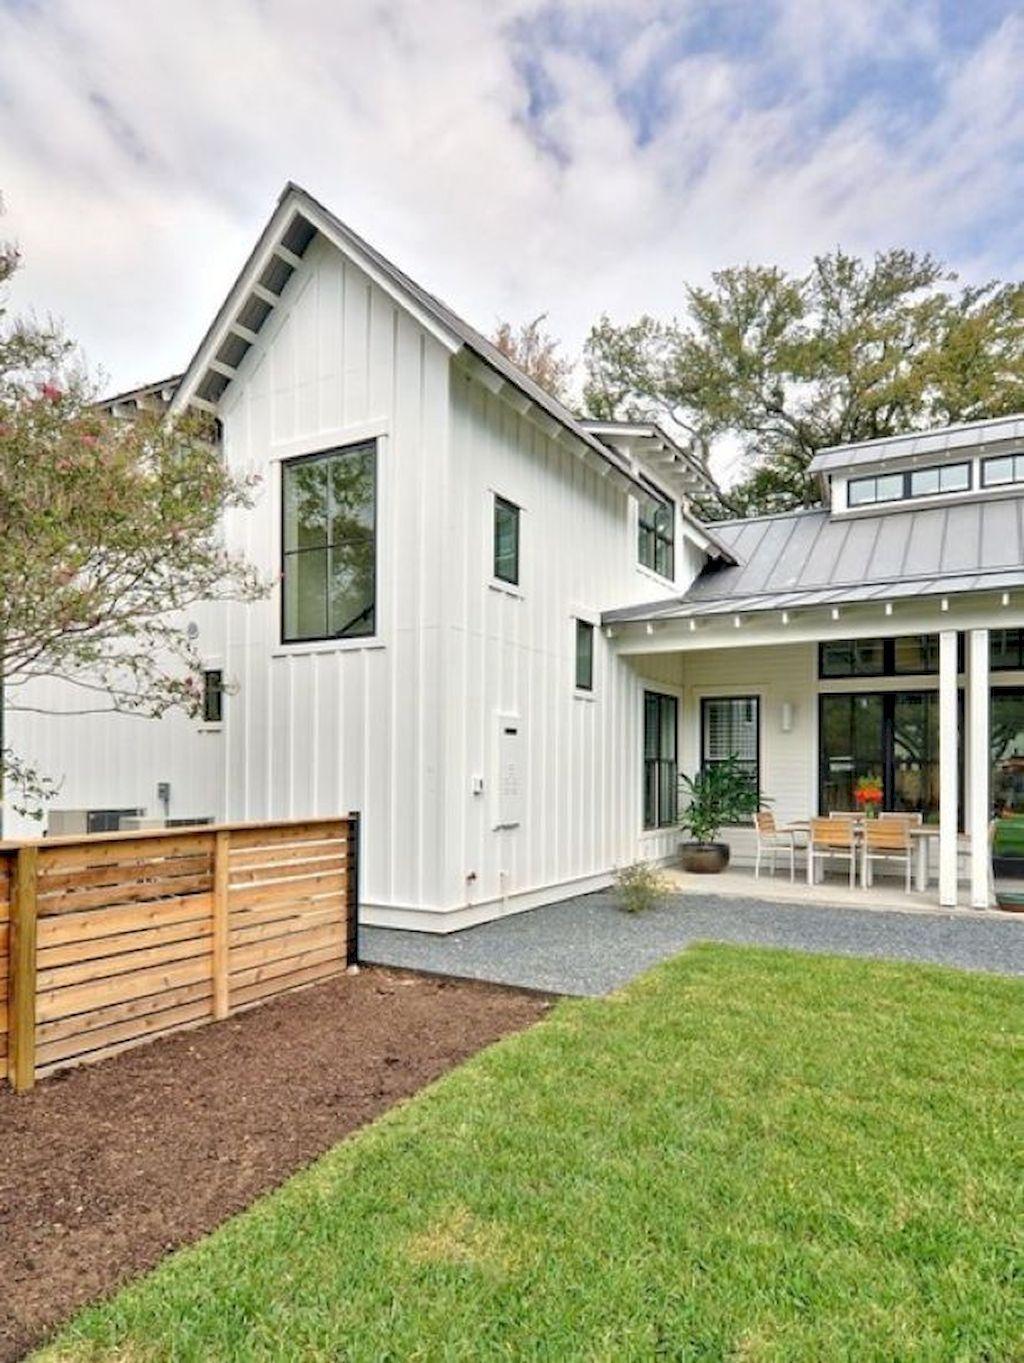 30 Minimalist Farmhouse Exterior Design Ideas   Exterior design ...